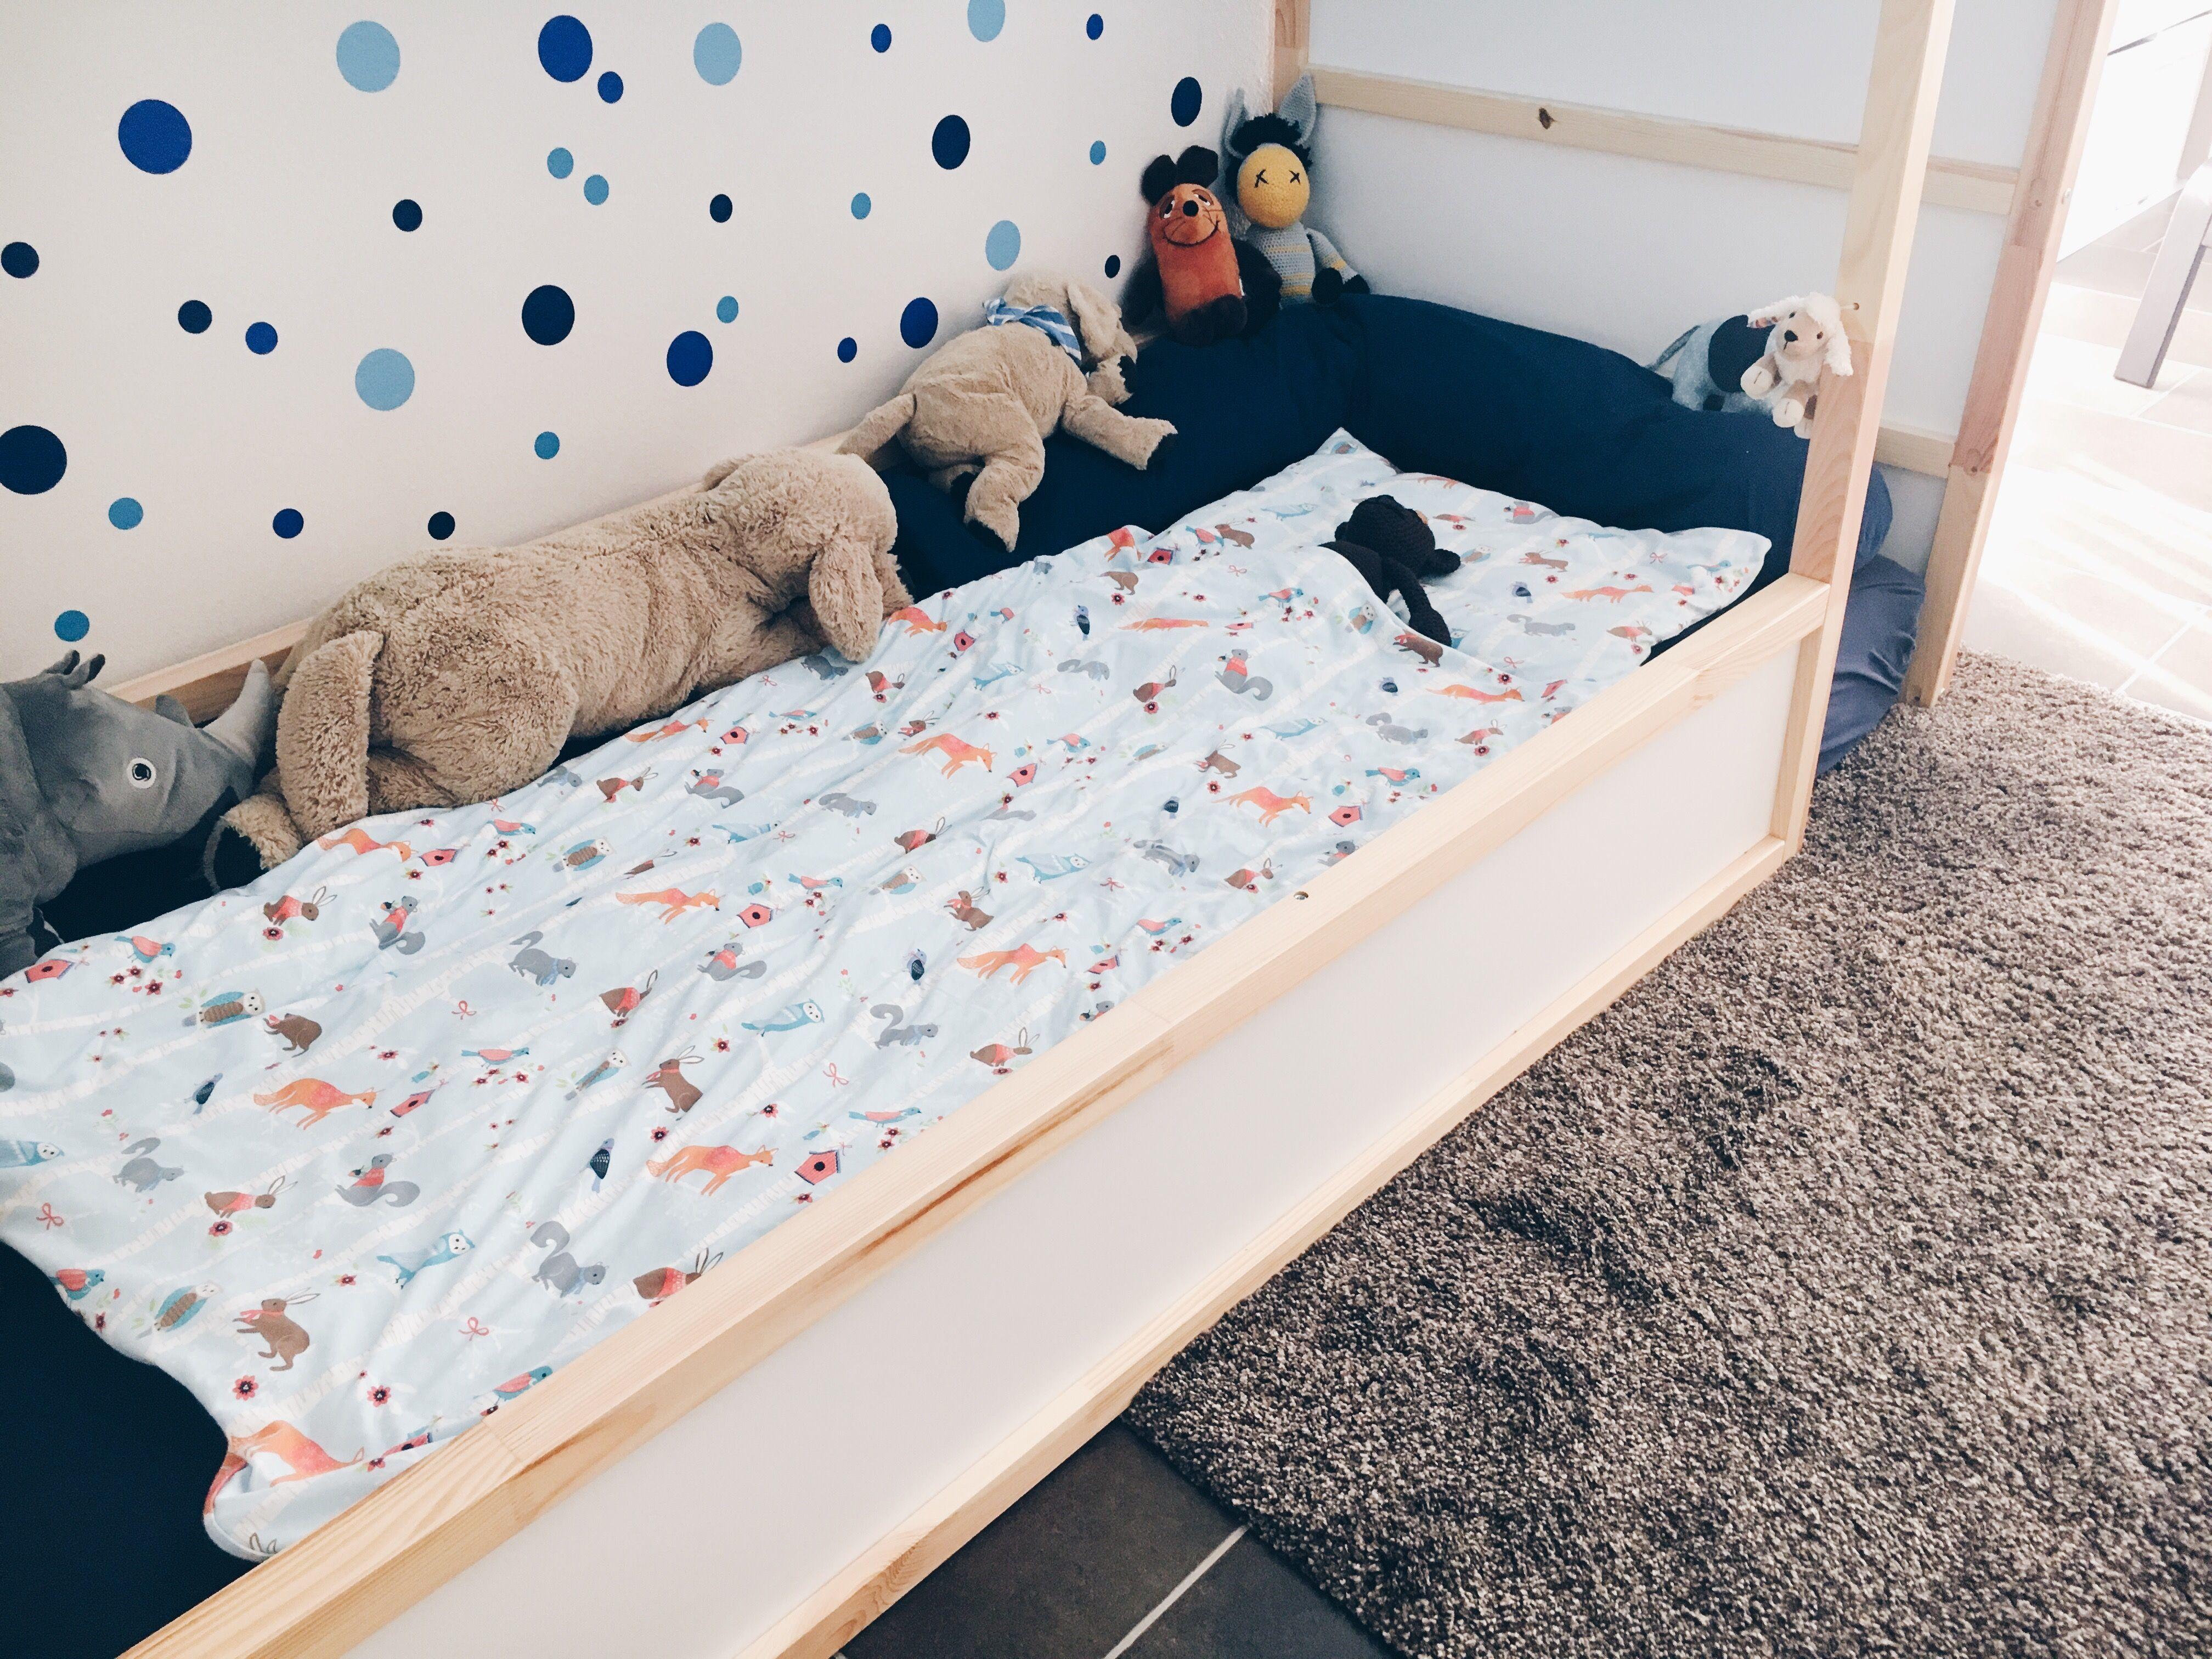 Das Bodenbett Ein Selbstbestimmter Schlafplatz Fur Kleinkinder Kind Kuche Chaos Bodenbetten Kleinkind Und Babyzimmer Madchen Kinderzimmer Ideen